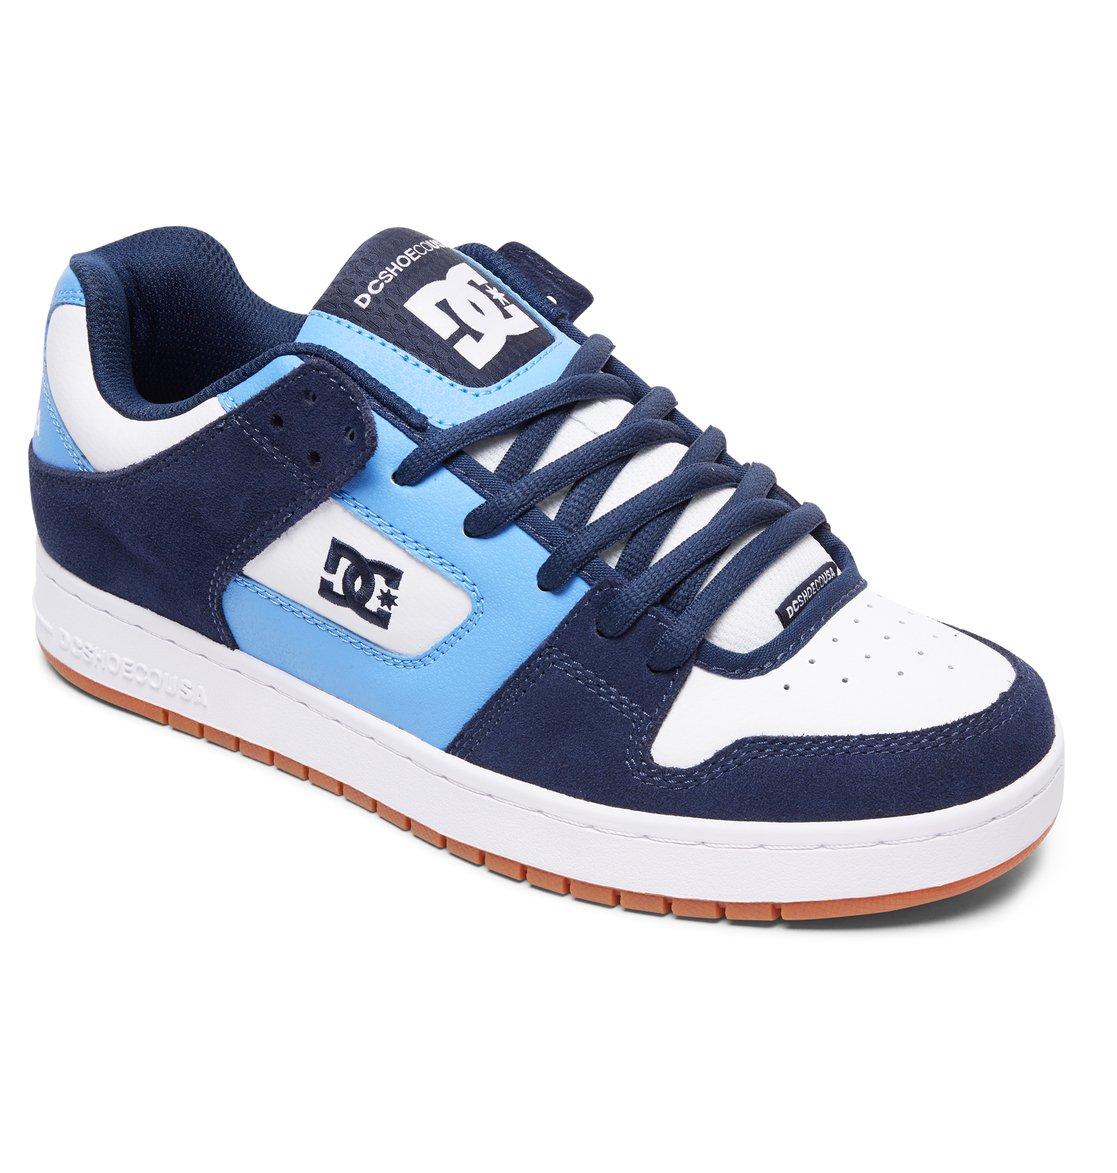 1 Manteca Shoes Blue ADYS100177 DC Shoes 9c911d9b4fe